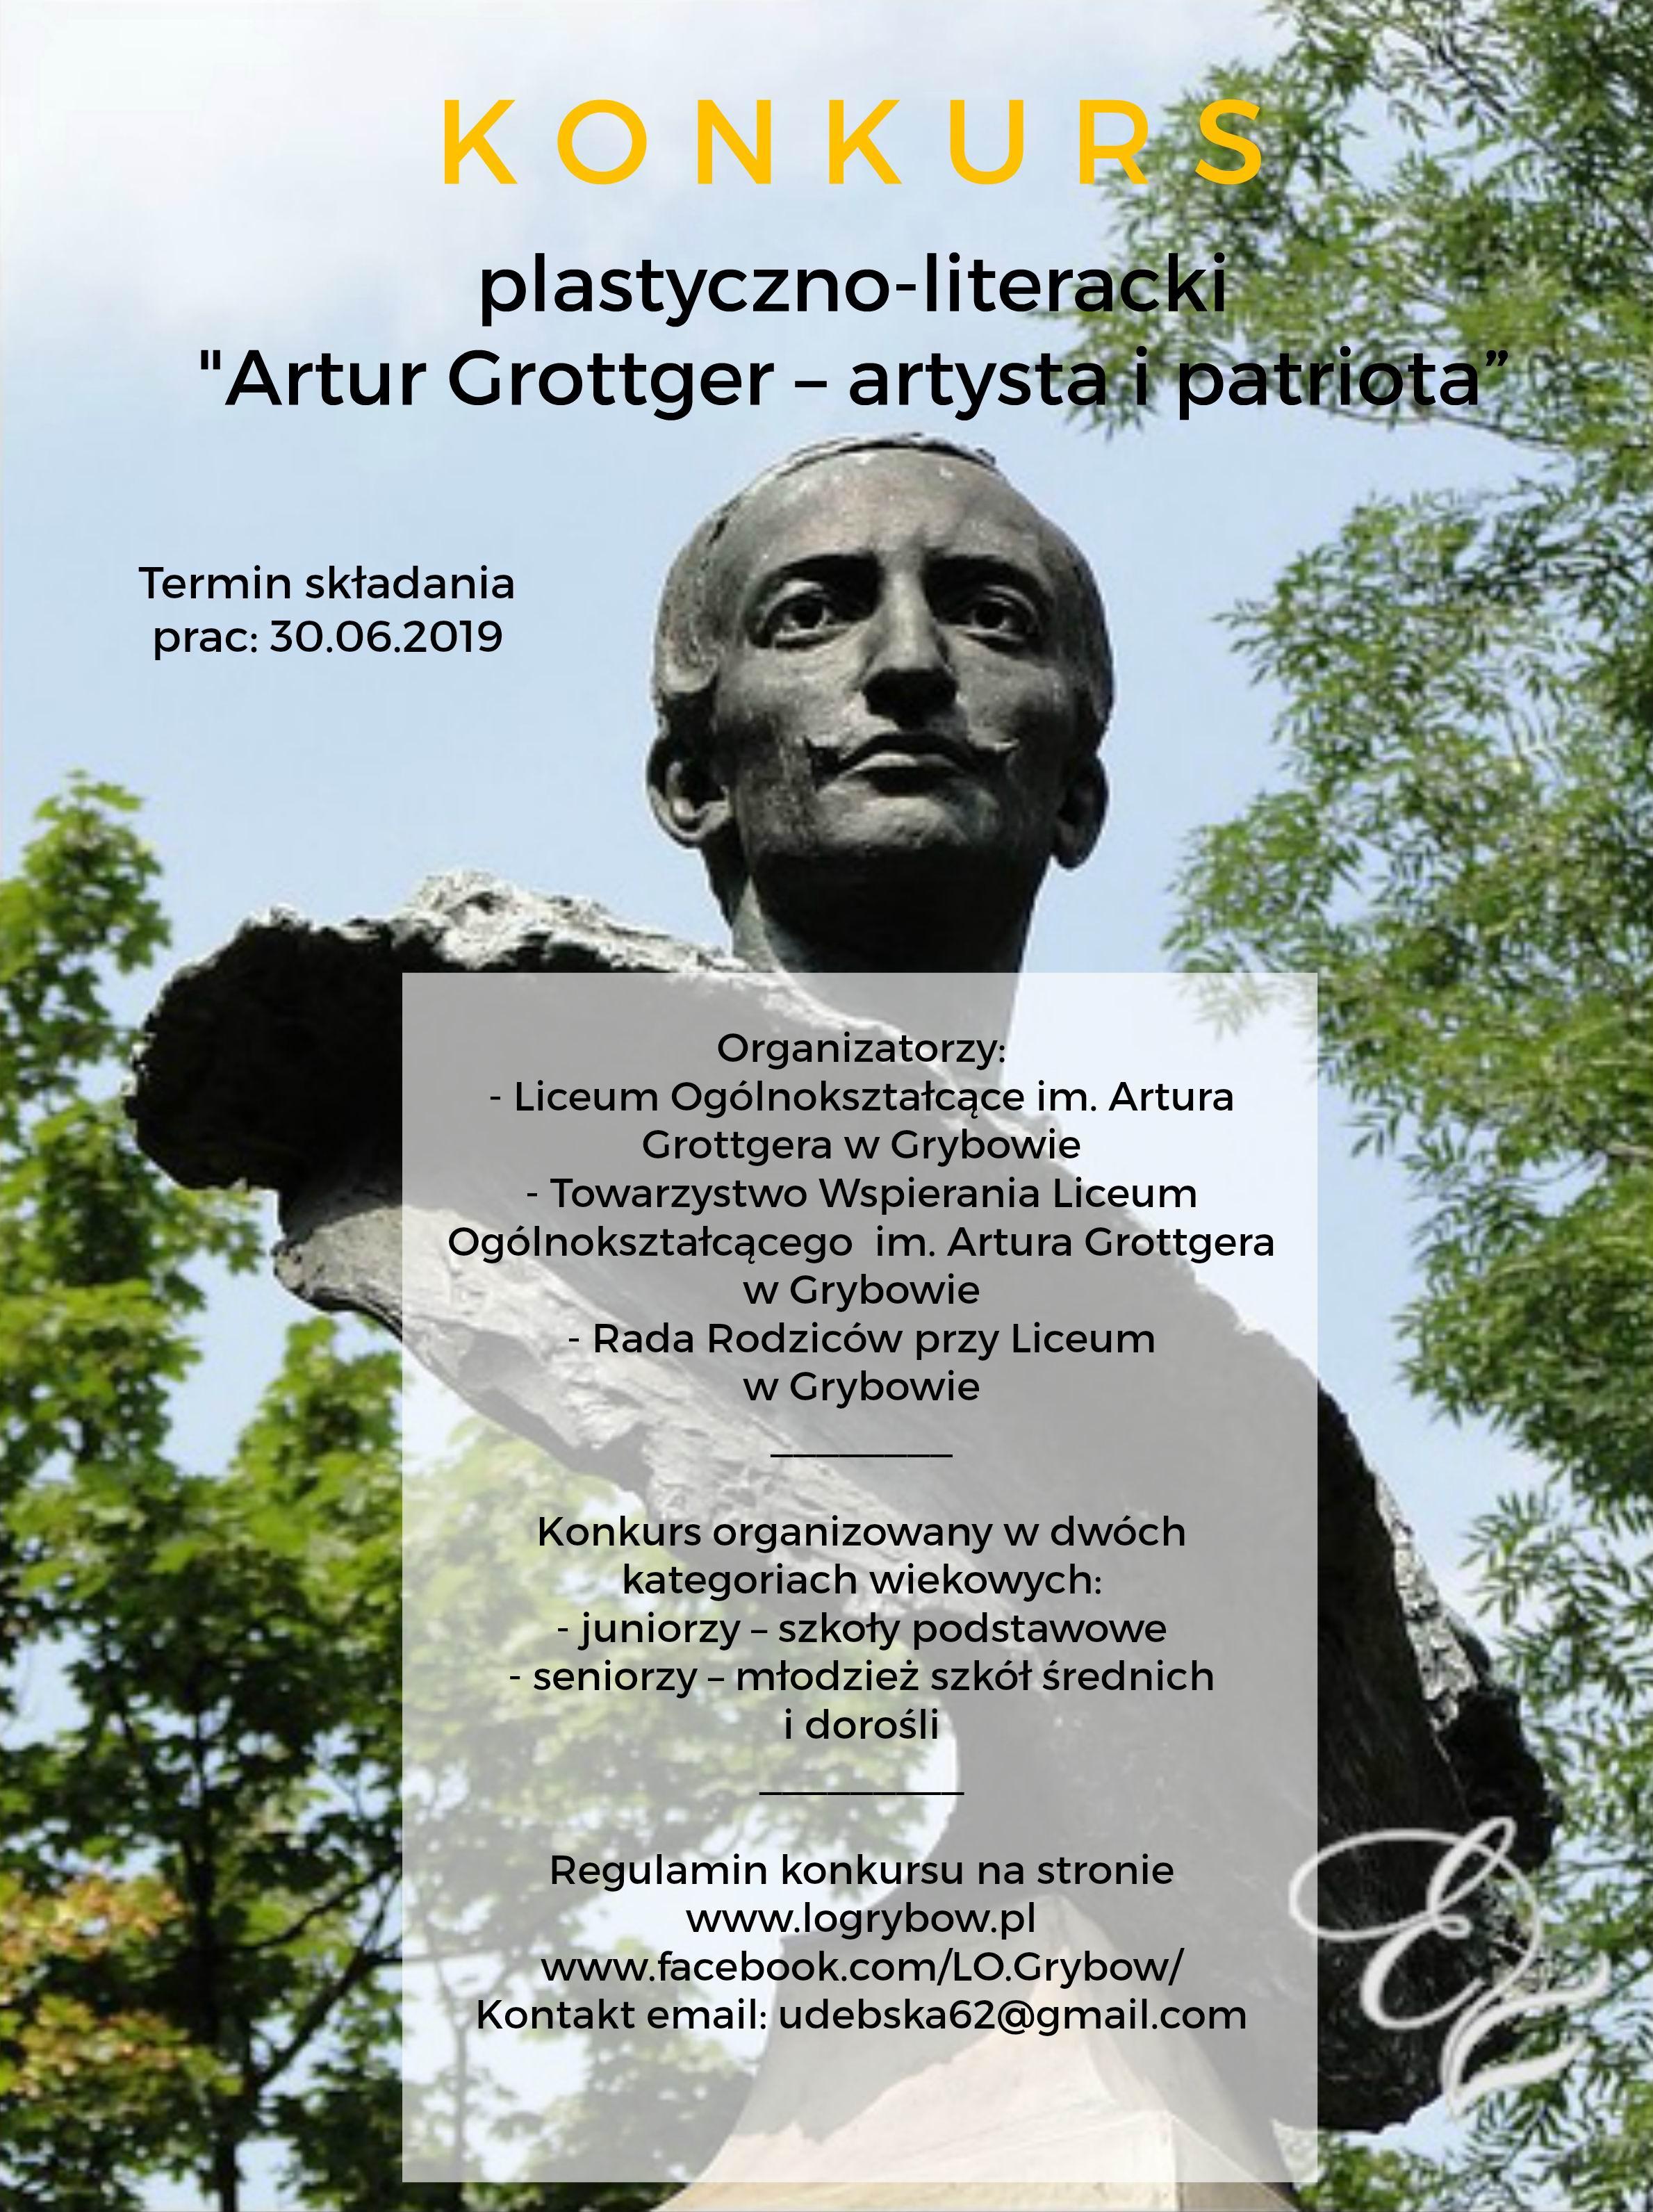 Zaproszenie na konkurs plastyczno-literacki o Arturze Grottgerze